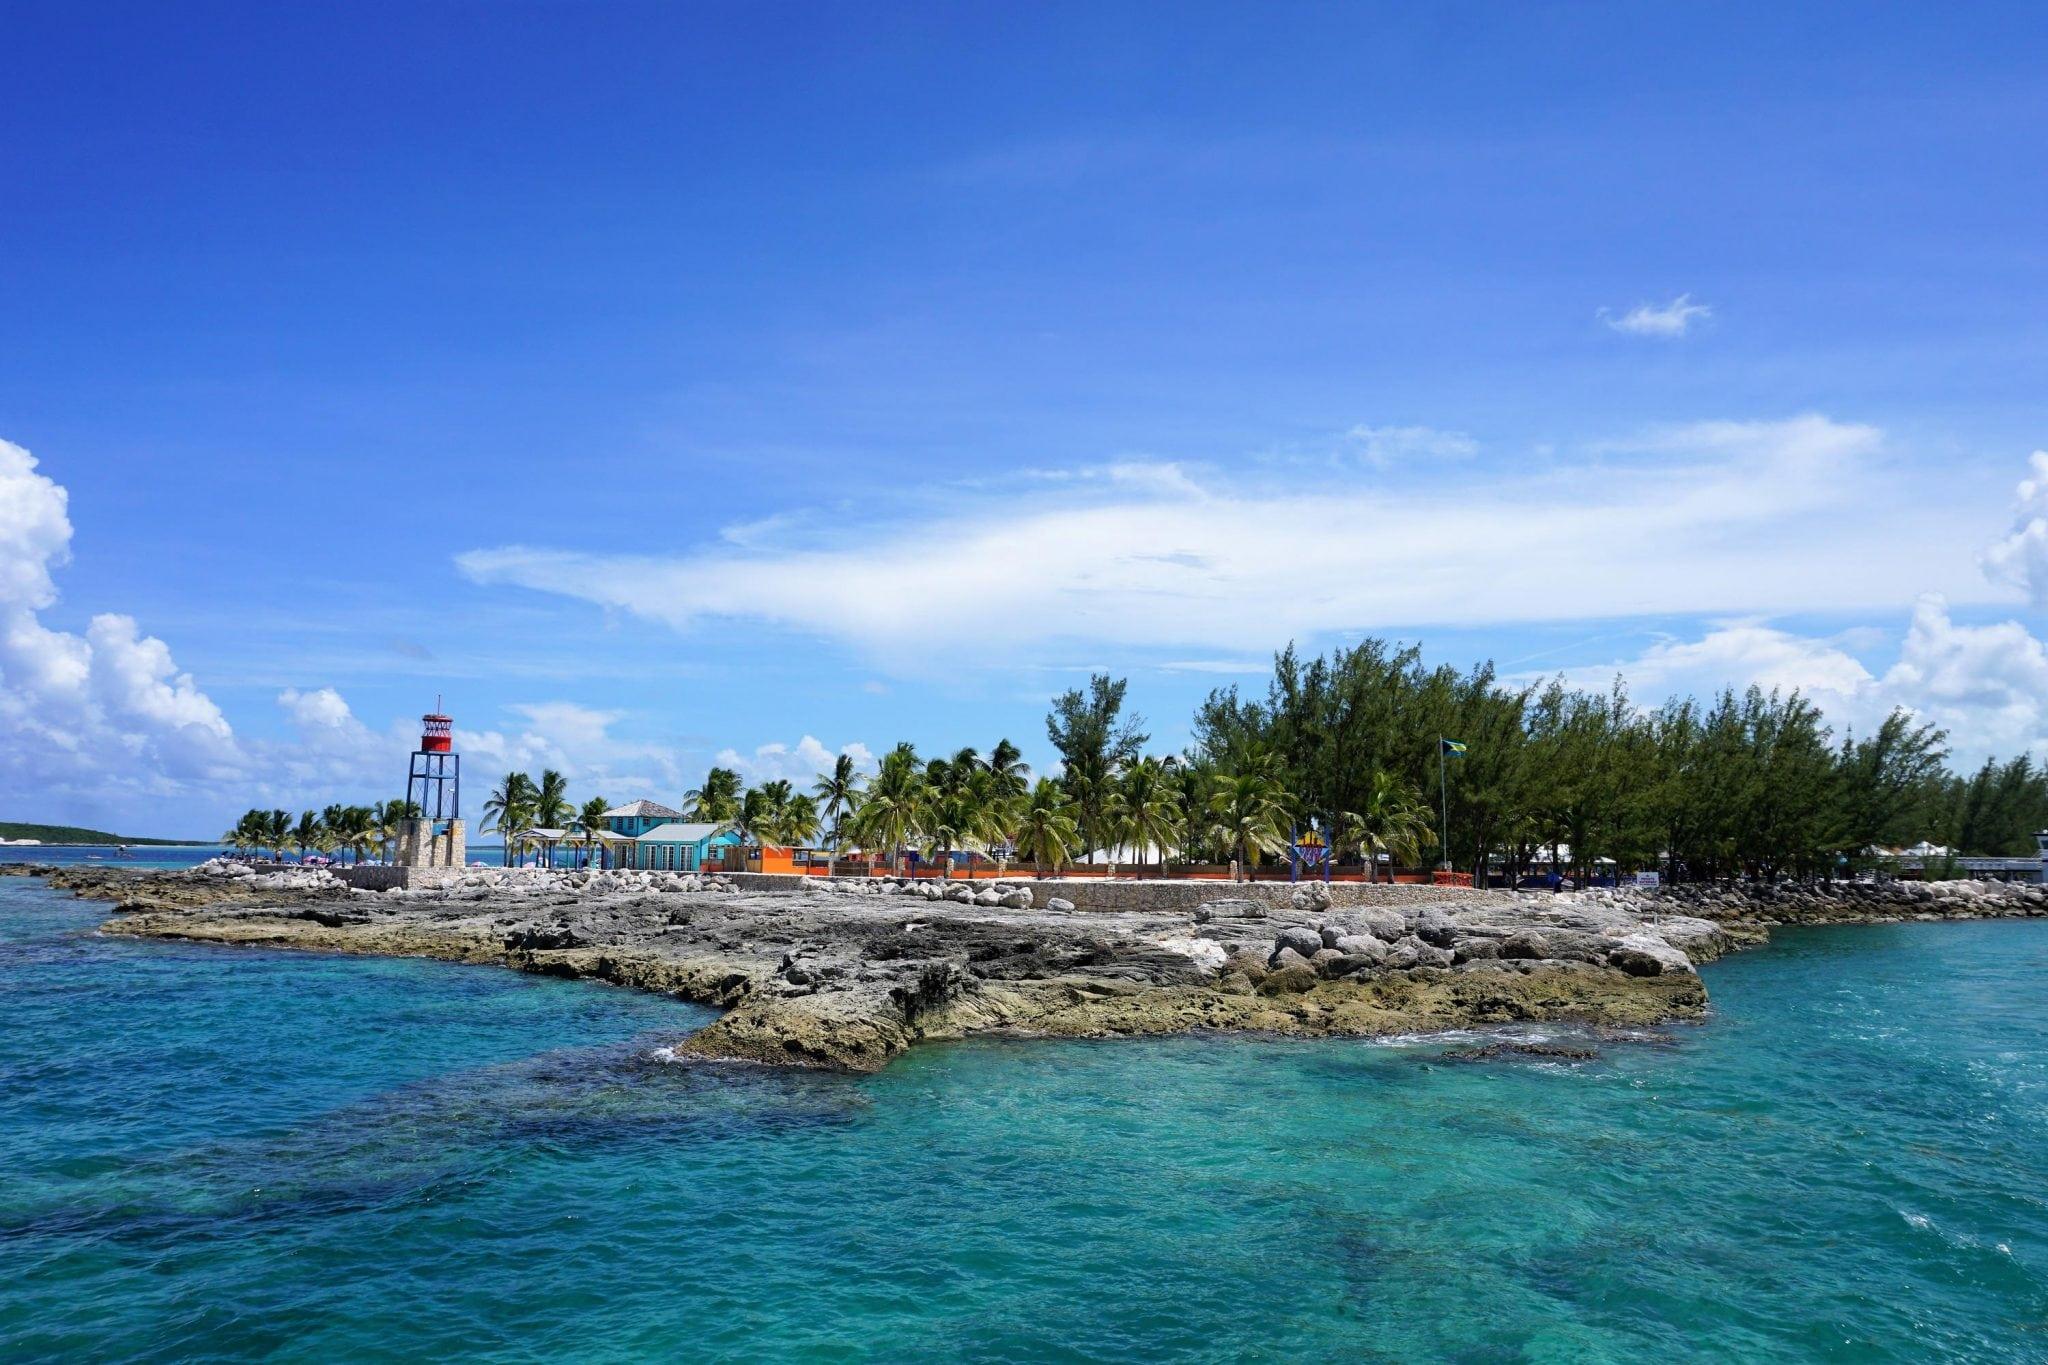 Pulling Awa from CocoCay, Bahamas